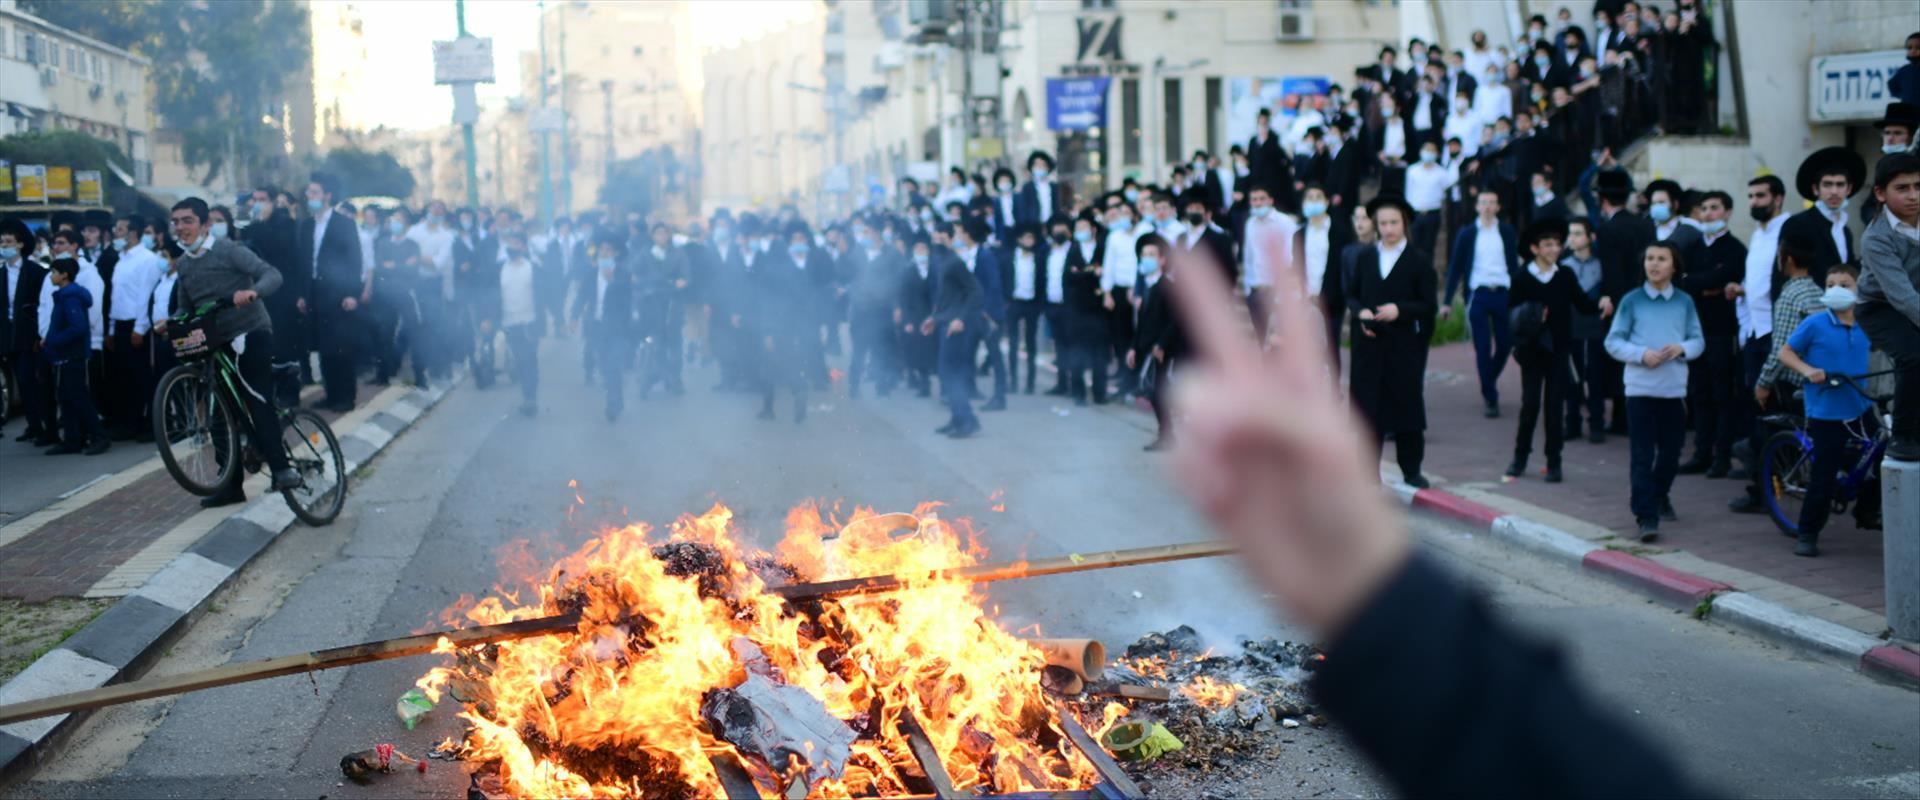 מהומות בבני ברק